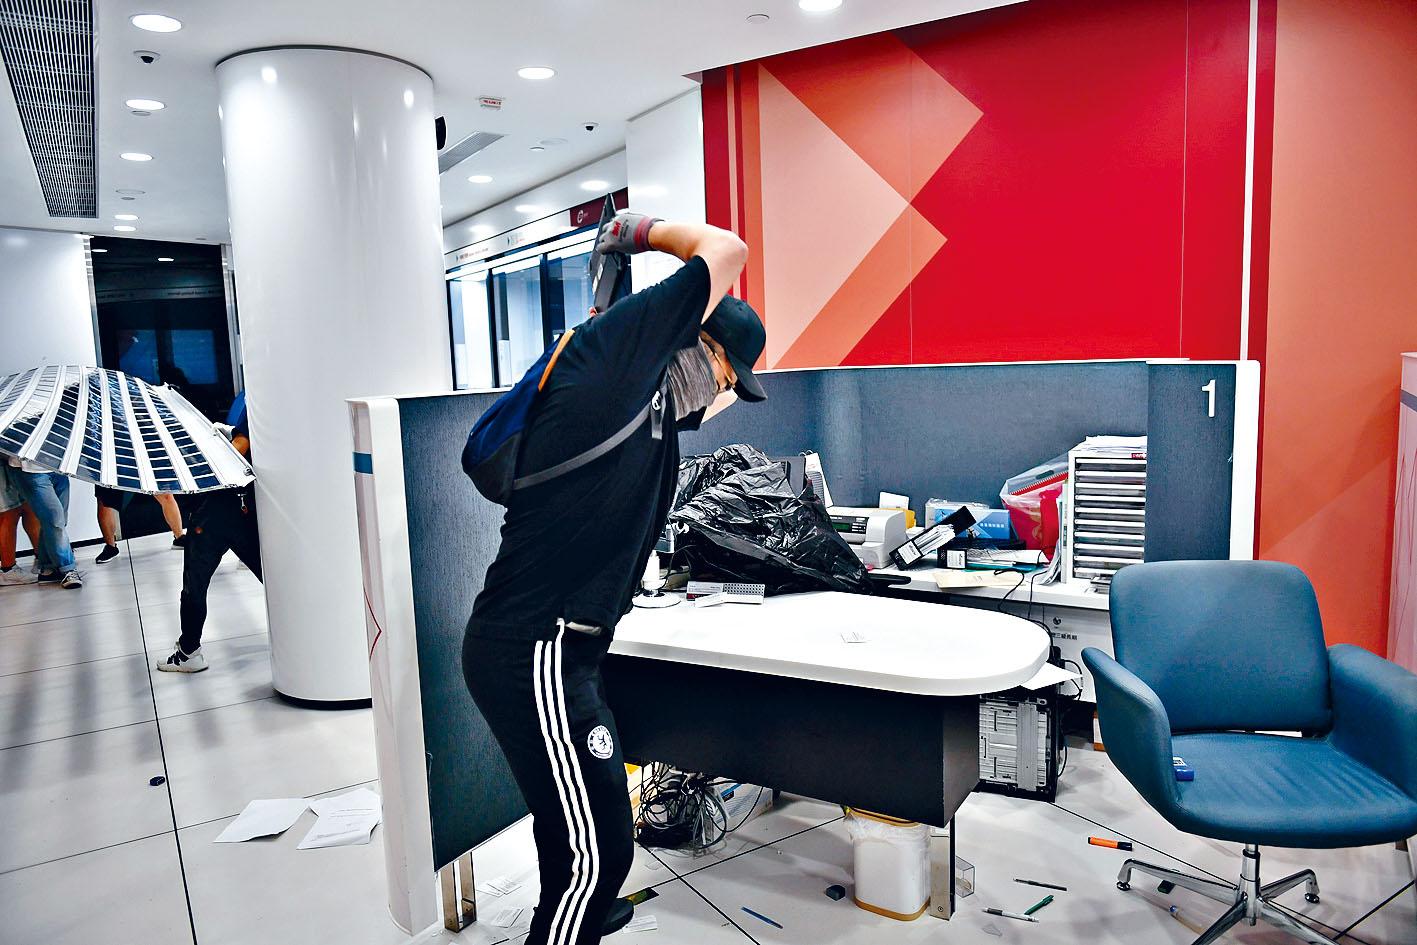 ■將軍澳中國銀行分行被示威者破壞。法新社